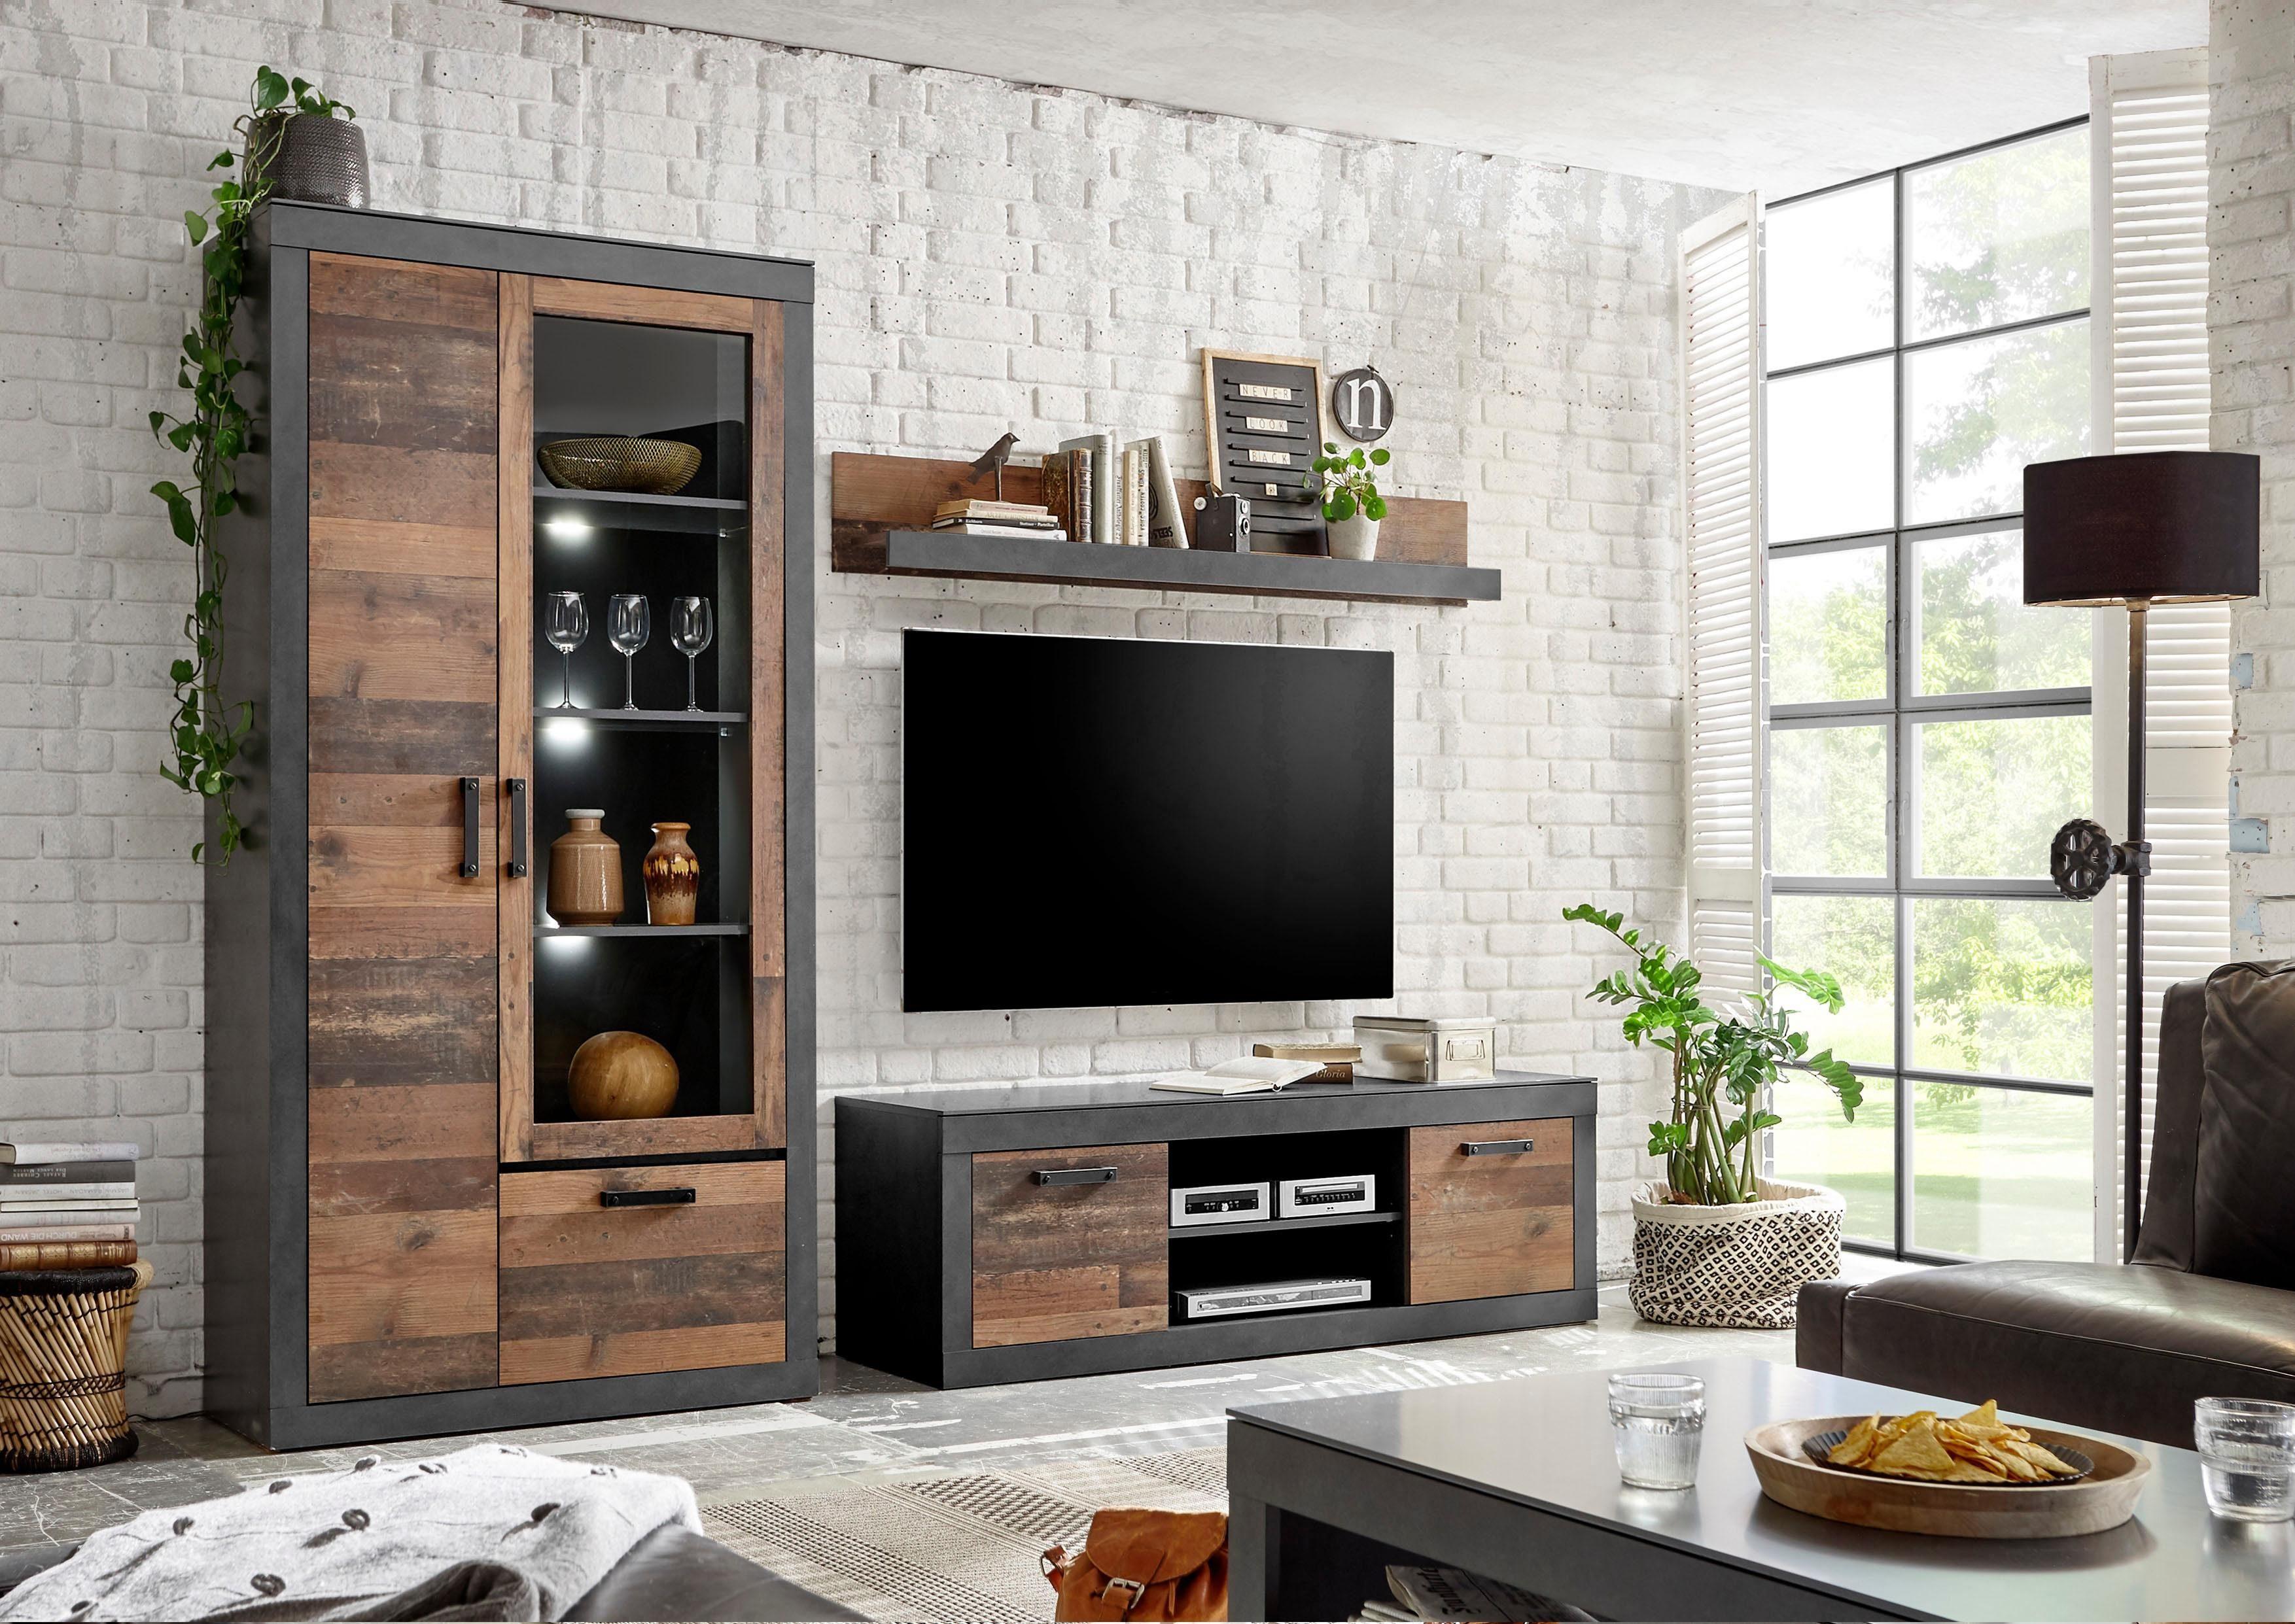 Home affaire Wohnwand »BROOKLYN«, (3 tlg.), in dekorativer Rahmenoptik günstig online kaufen